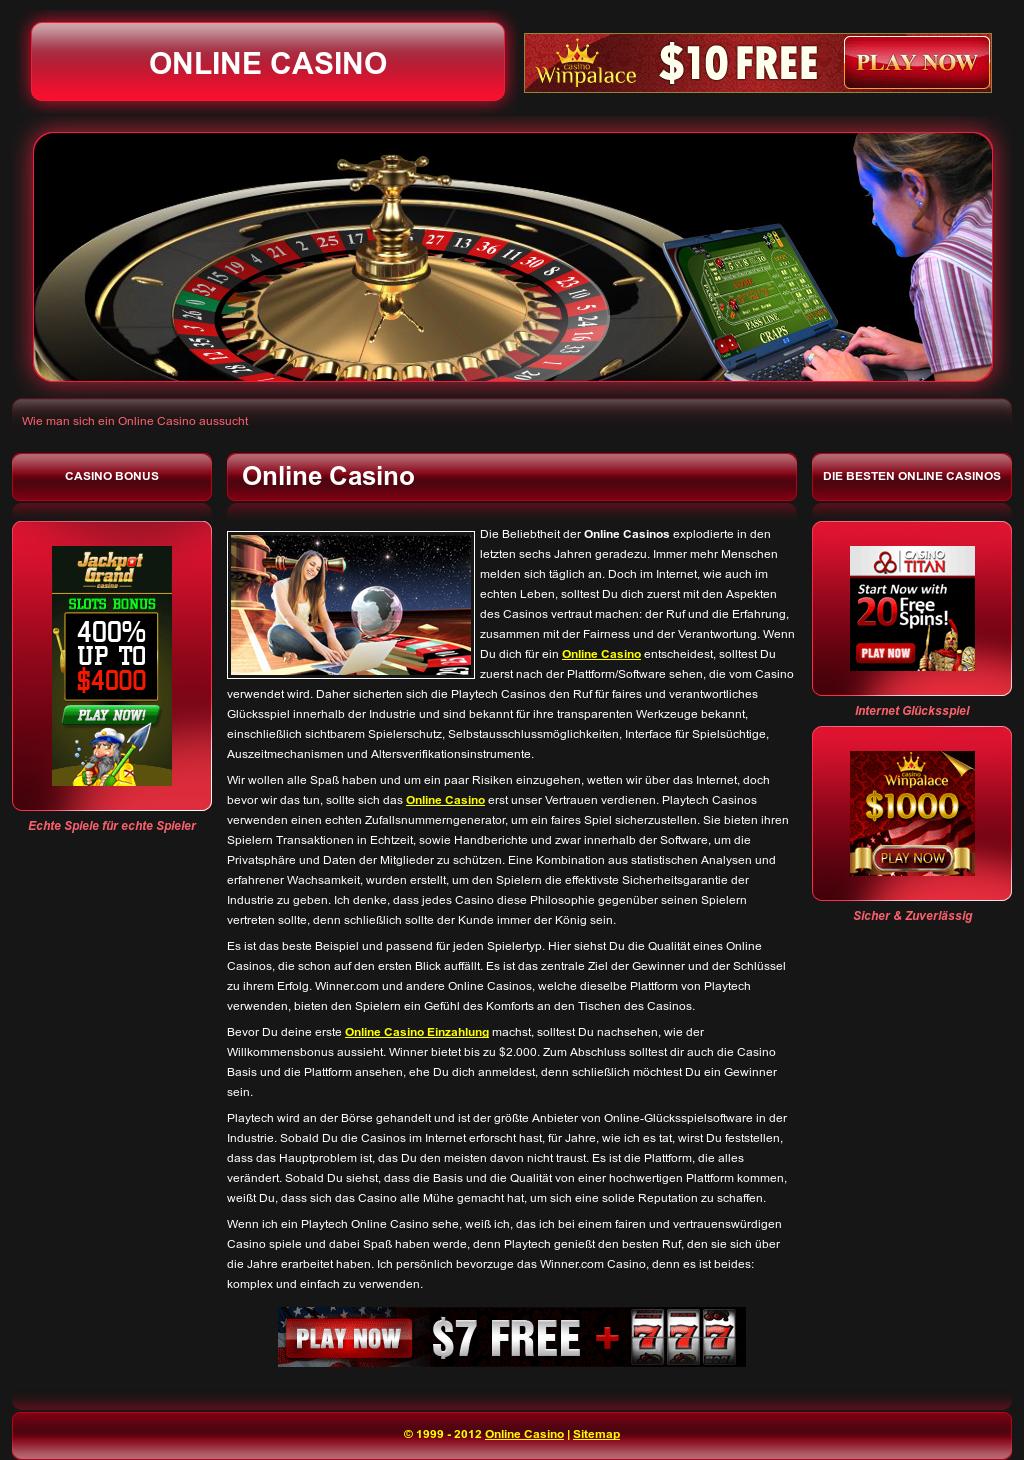 casino ohne einzahlung geld bekommen